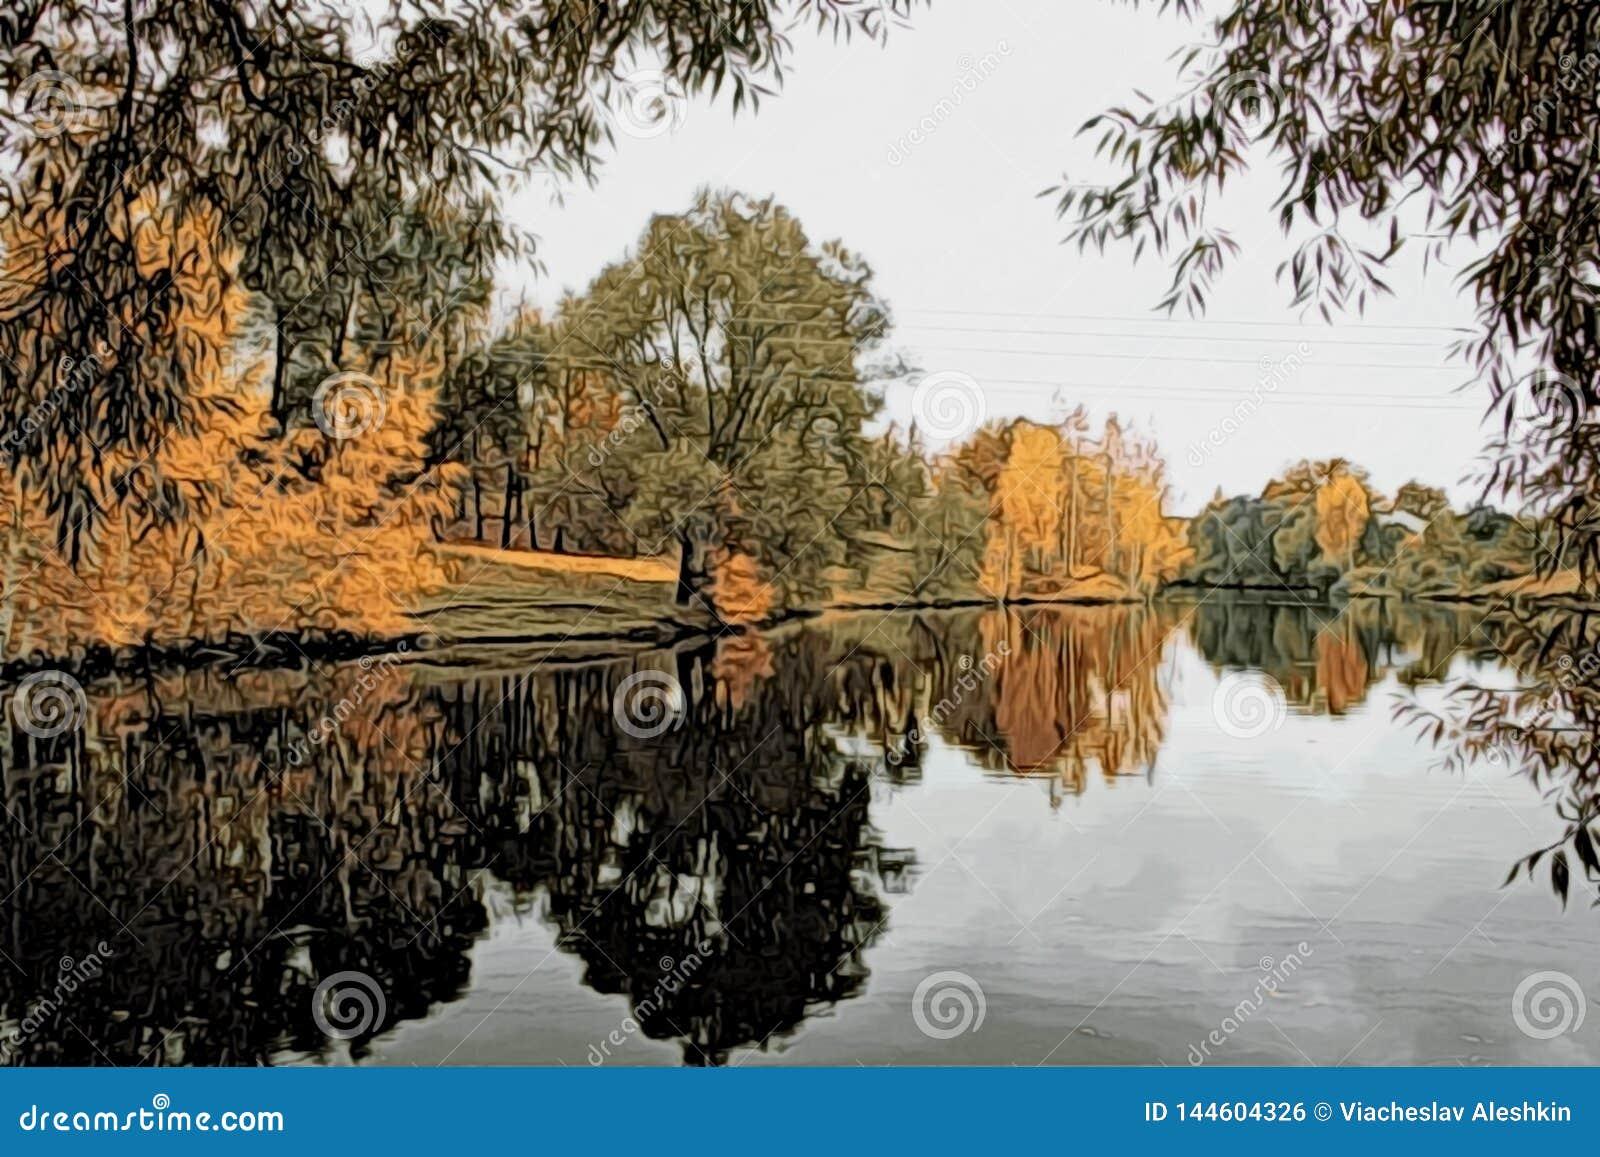 Illustratie - de herfstlandschap met bezinning in het water van een vijver